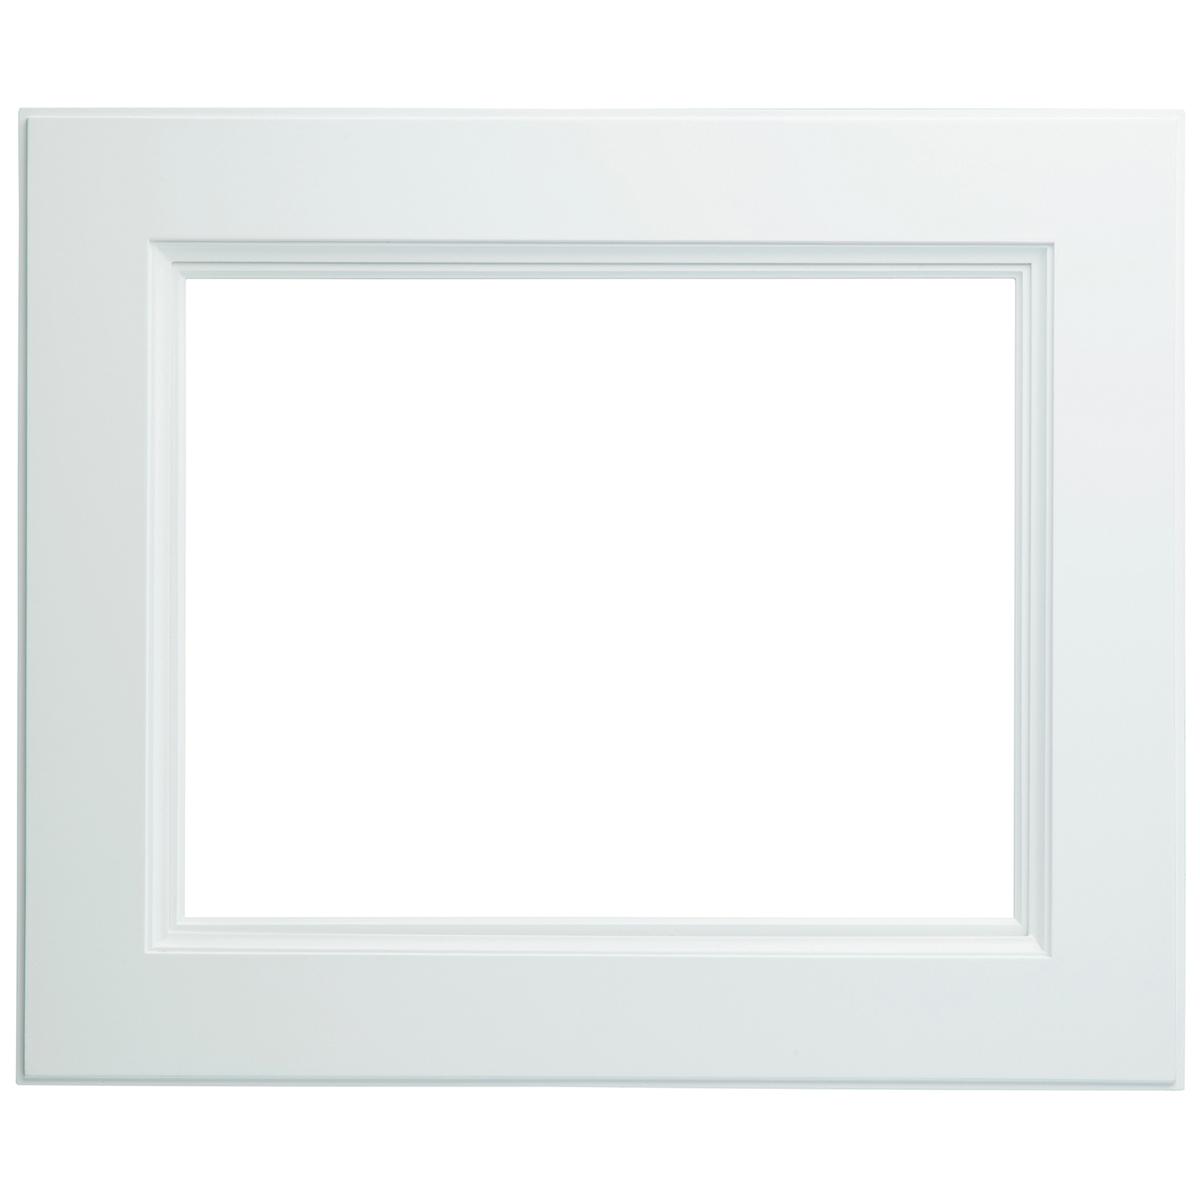 ラーソン・ジュール 油絵用額縁 A263 P15 ホワイト